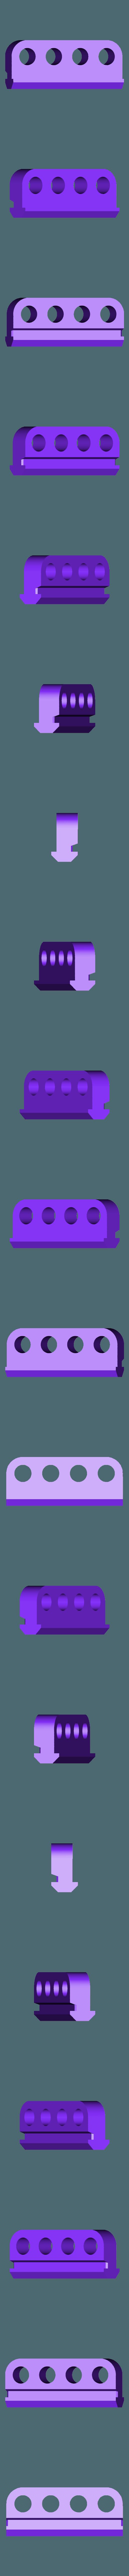 2020_Nozzle_Rack_4x_v1-0.STL Télécharger fichier STL gratuit Rack de buses 2020 • Modèle pour impression 3D, WalterHsiao